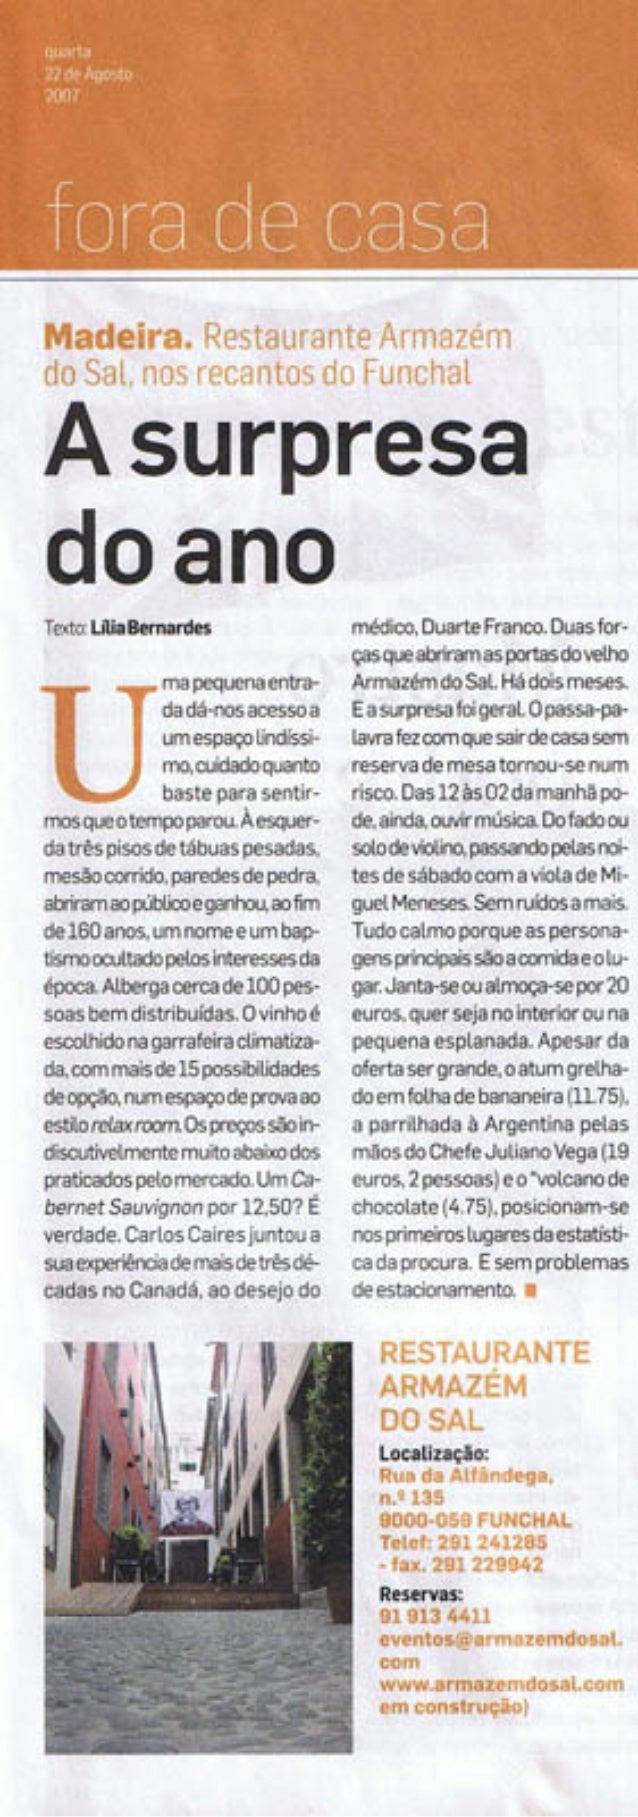 A Surpresa do Ano in Diário de Notícias da Madeira - Agosto de 2007